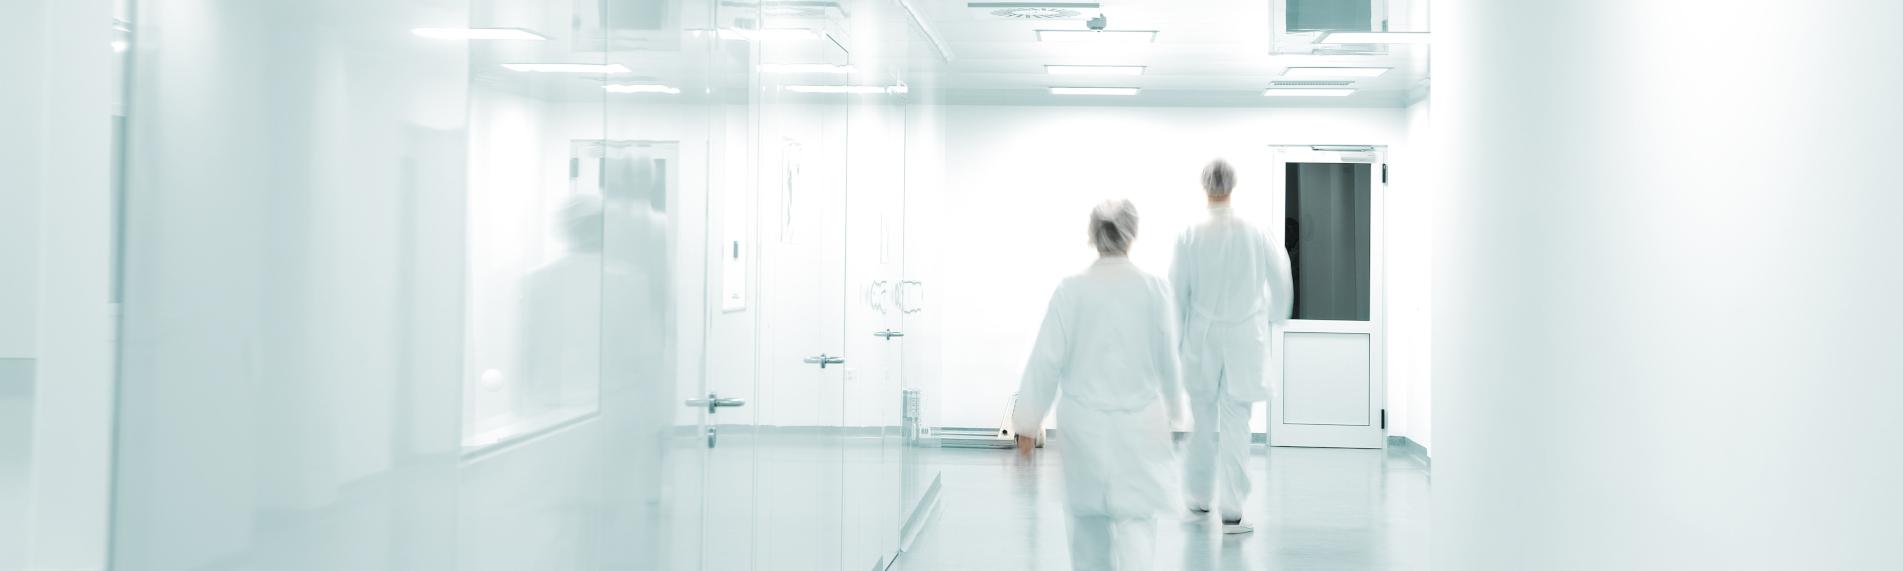 Når jeg bliver syg, vil jeg gerne indlægges på et datacenter